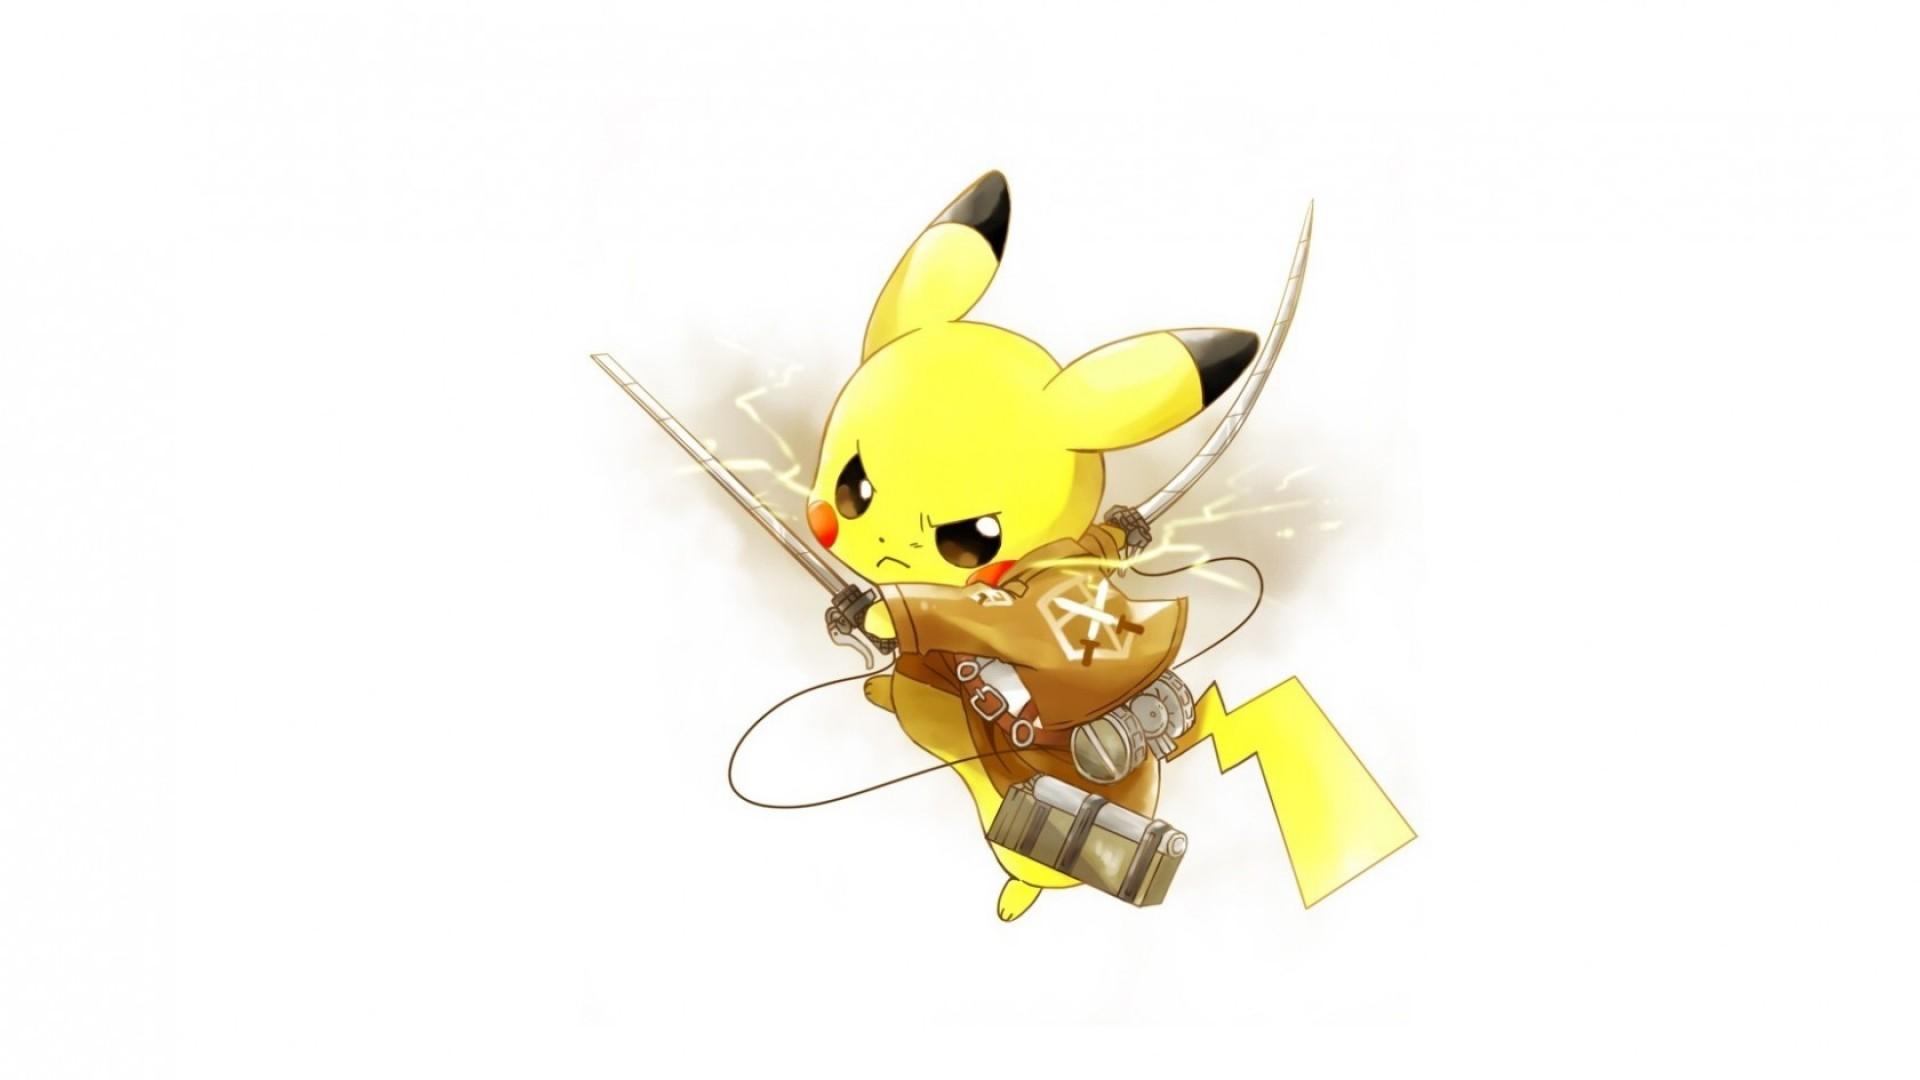 Attack of the Titans Pokemon Pikachu HD Wallpaper